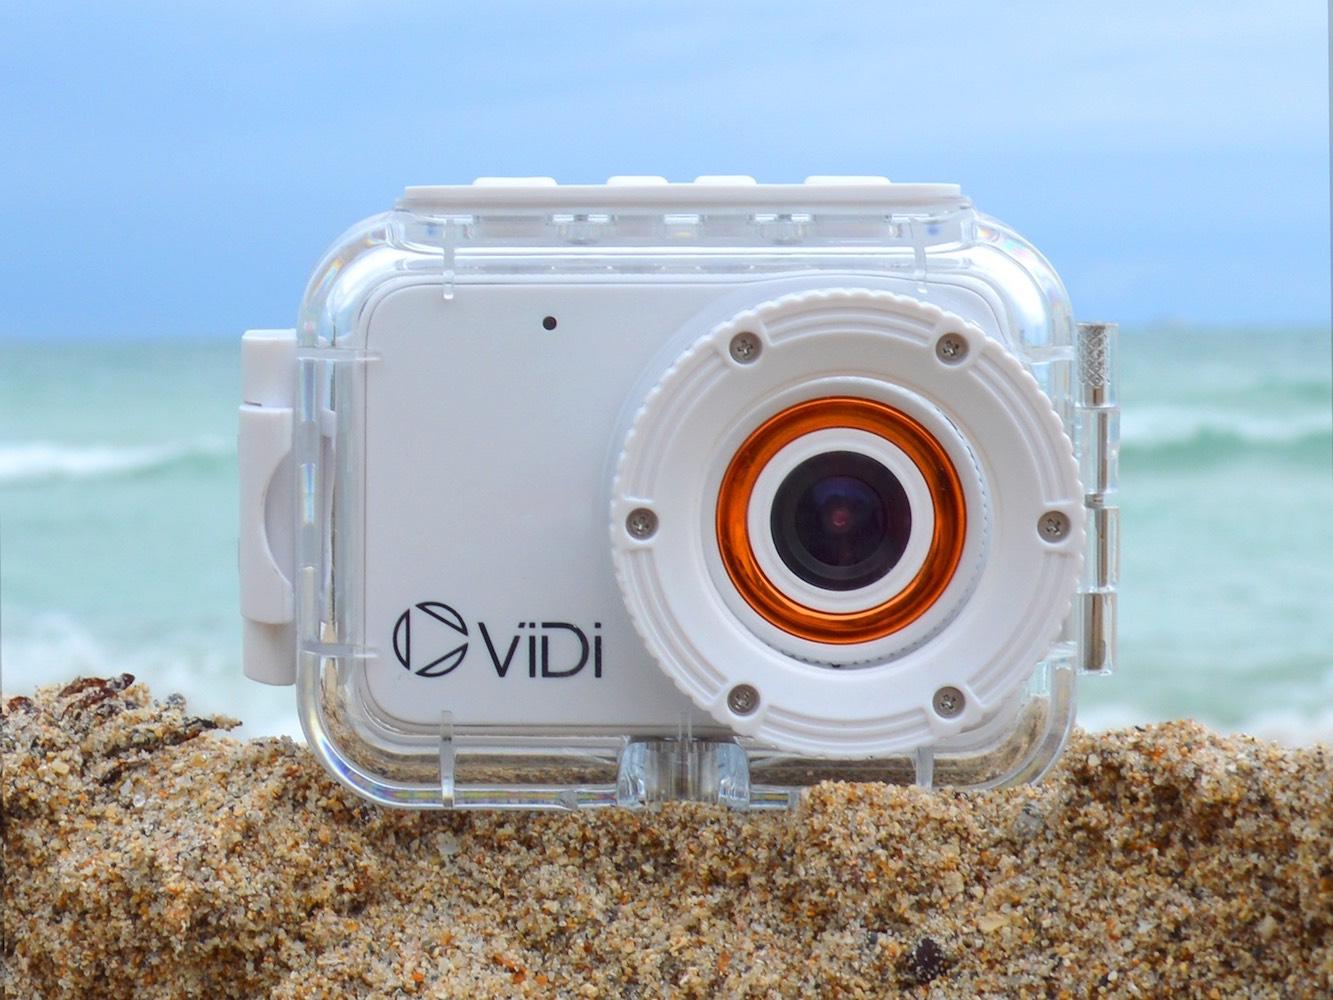 vidi-lcd-action-camera-03